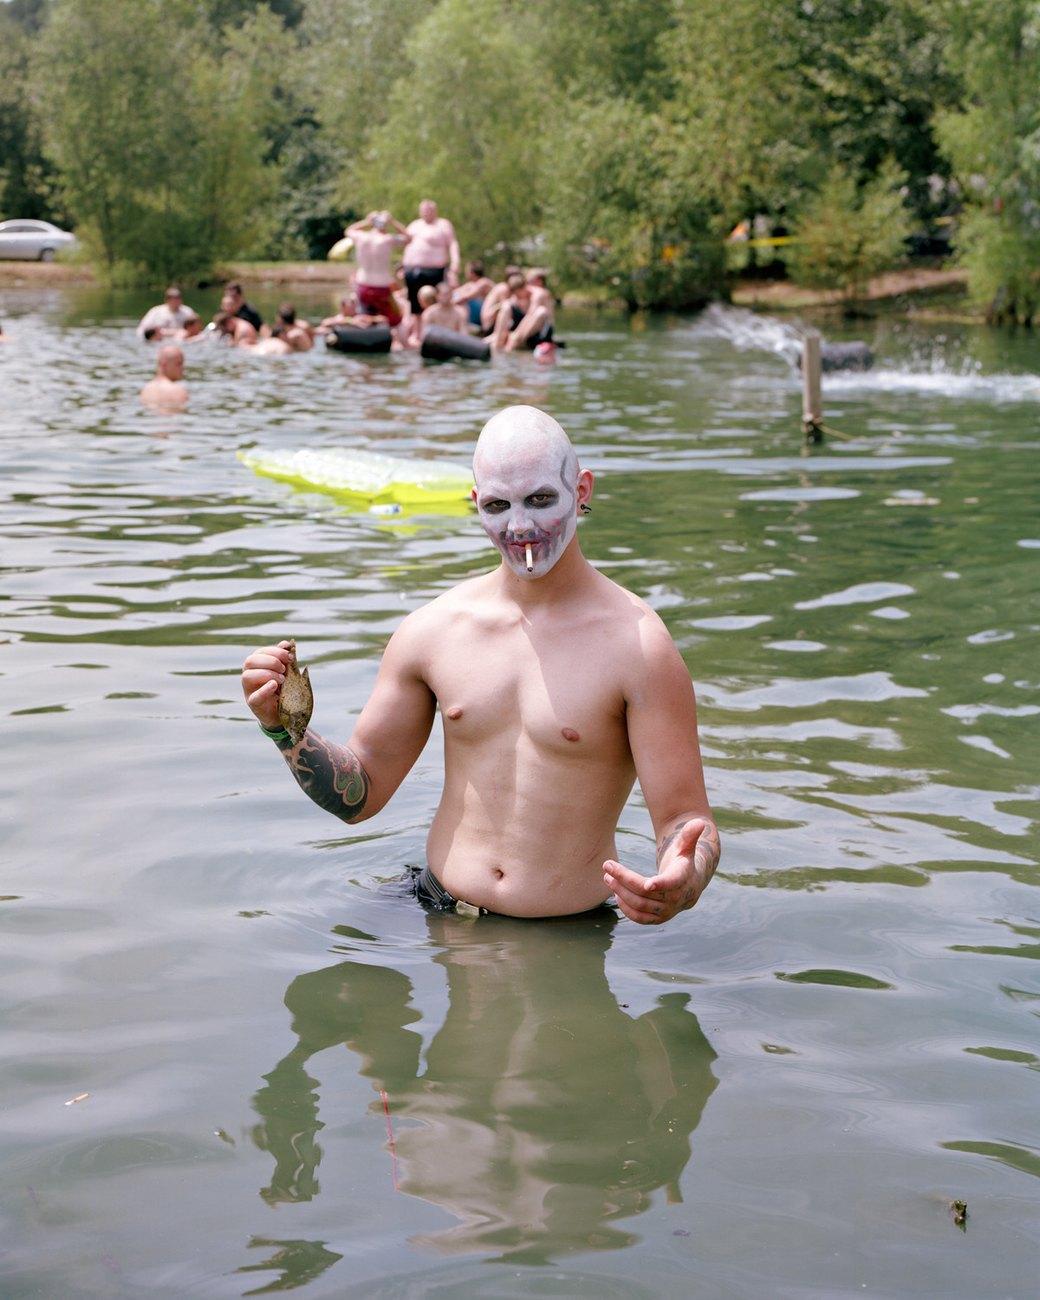 Клоуны на выезде: Фоторепортаж с ежегодного фестиваля джаггало в Иллинойсе. Изображение № 2.